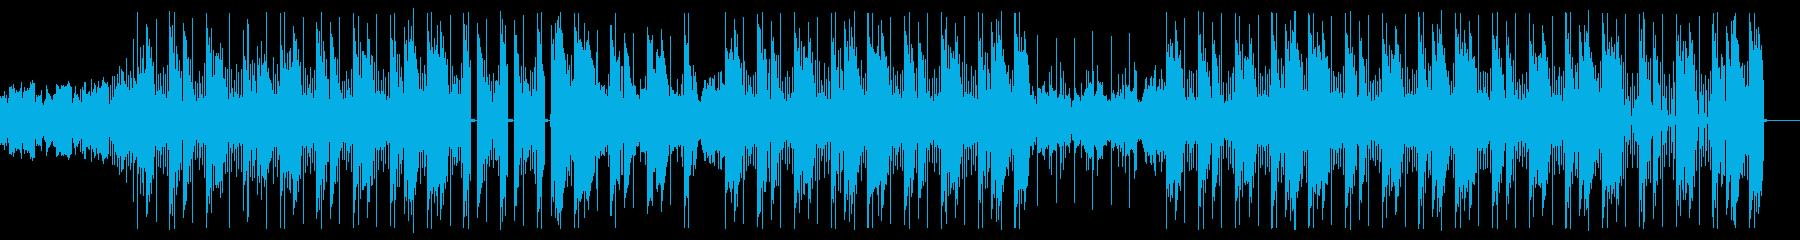 不思議でミステリアスな謎解きヒップホップの再生済みの波形